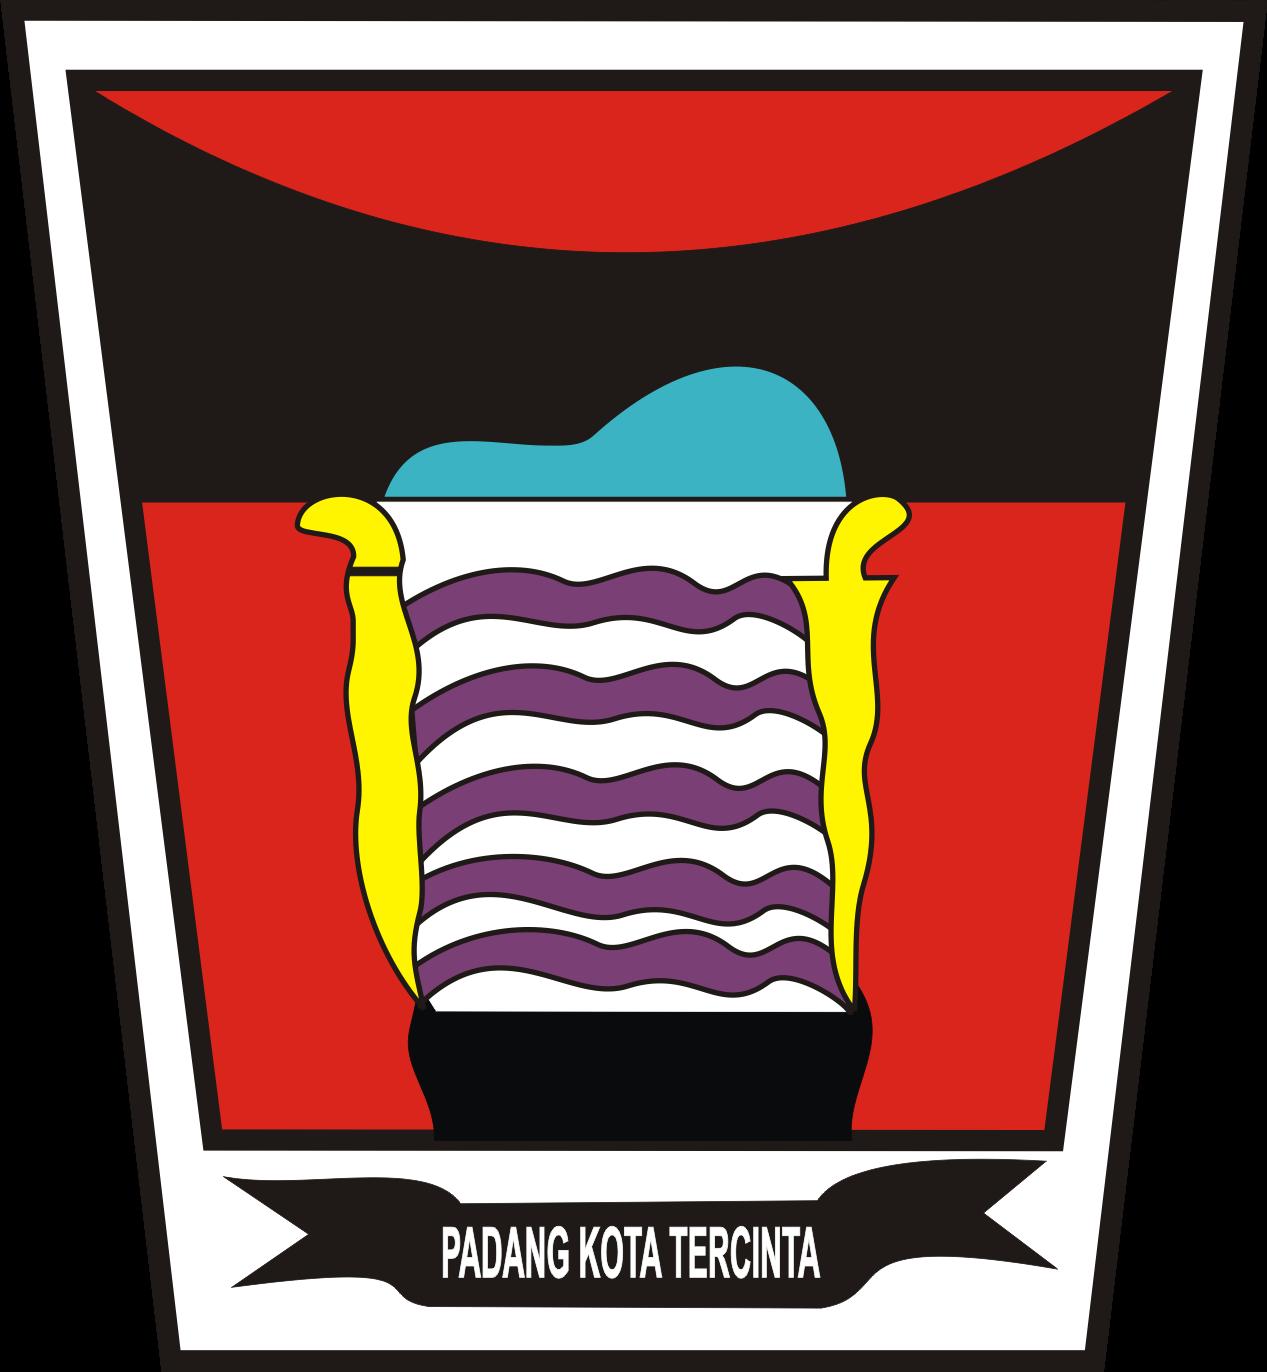 Hasil gambar untuk logo kota padang